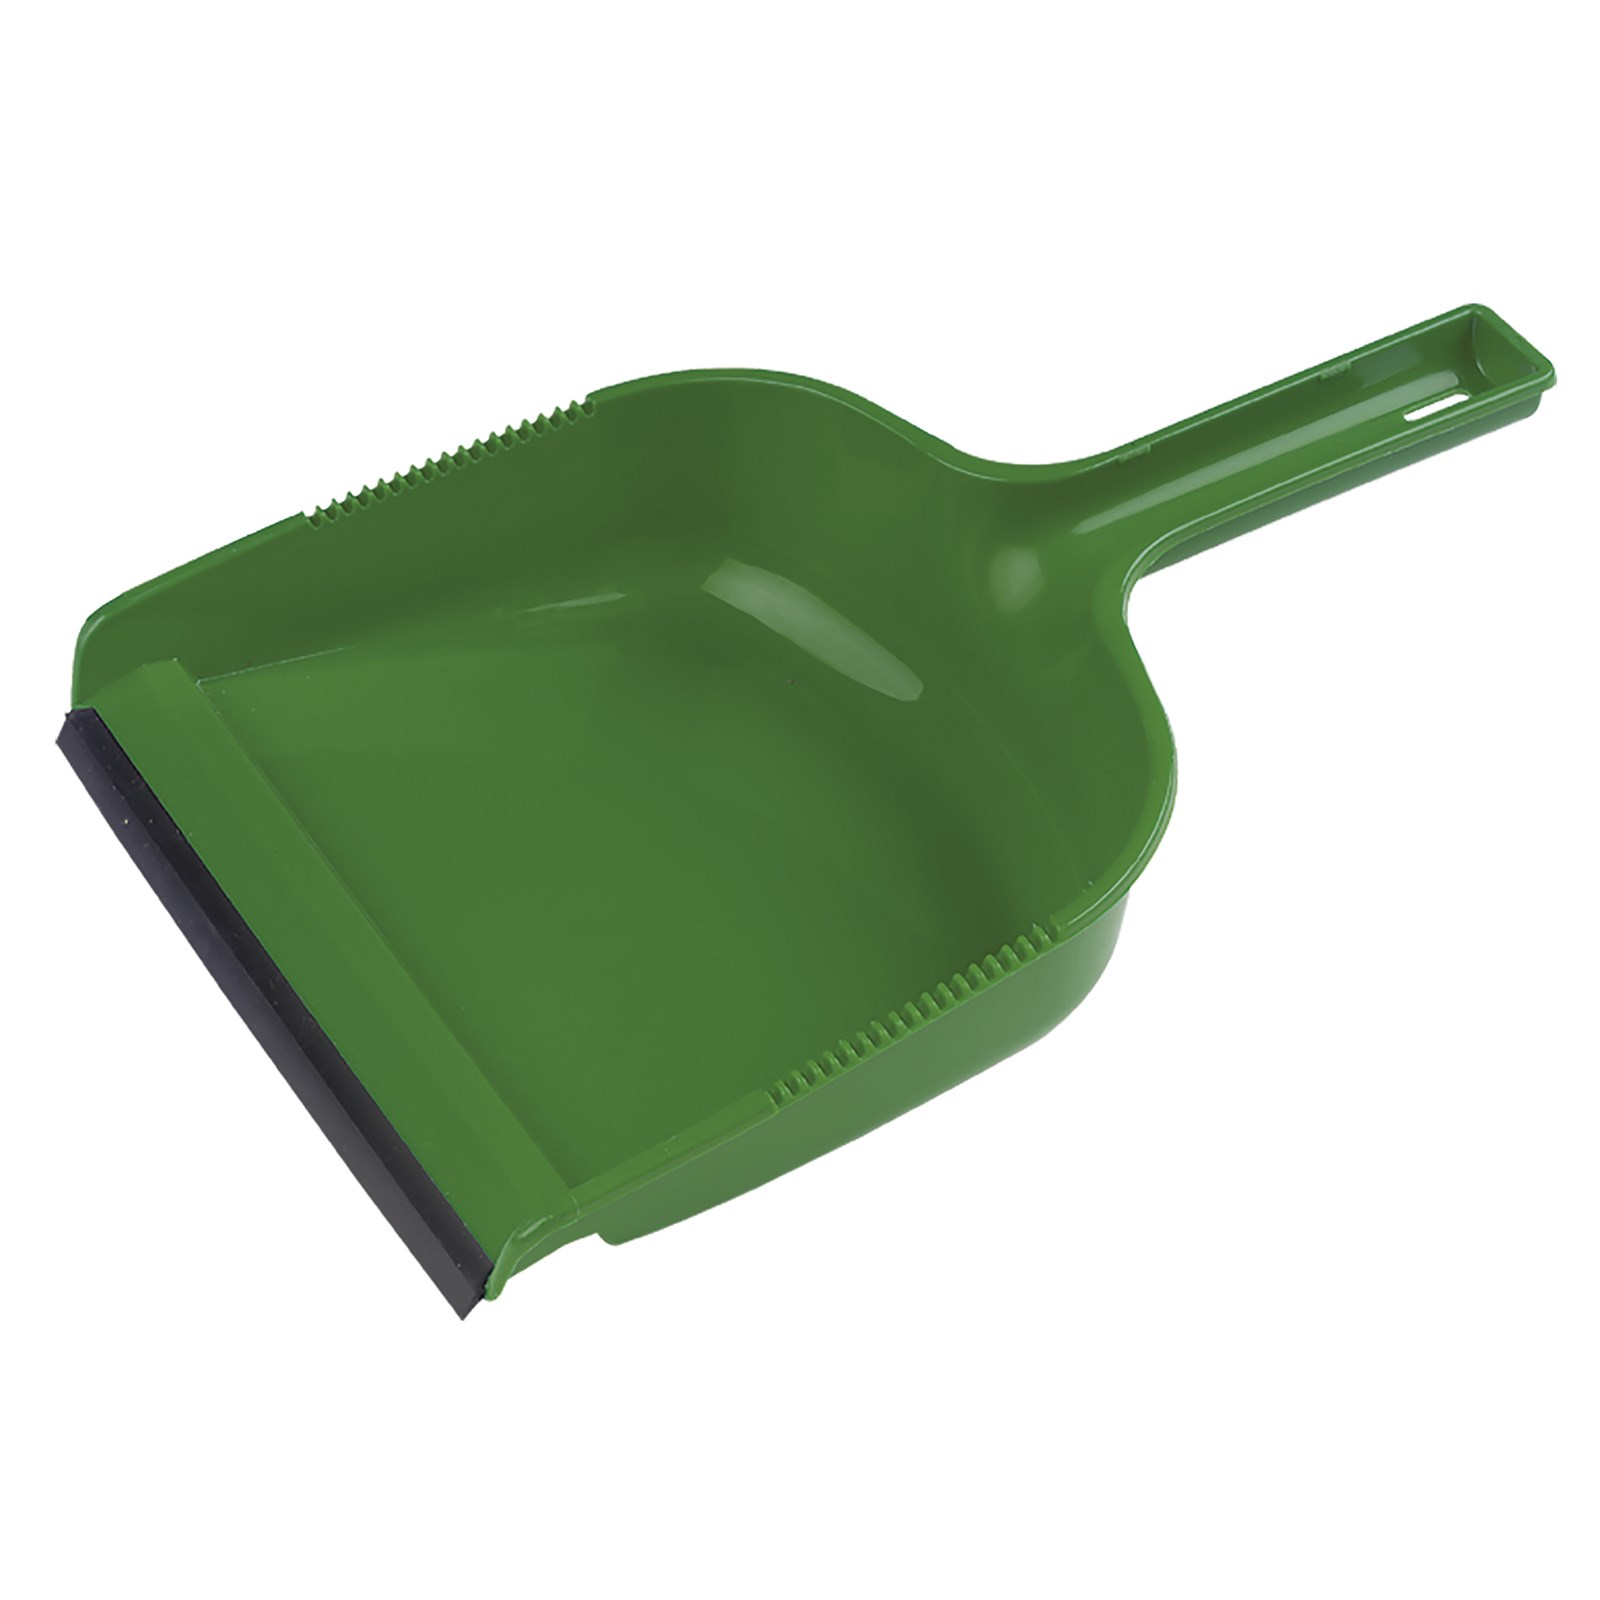 Dustpan - Green